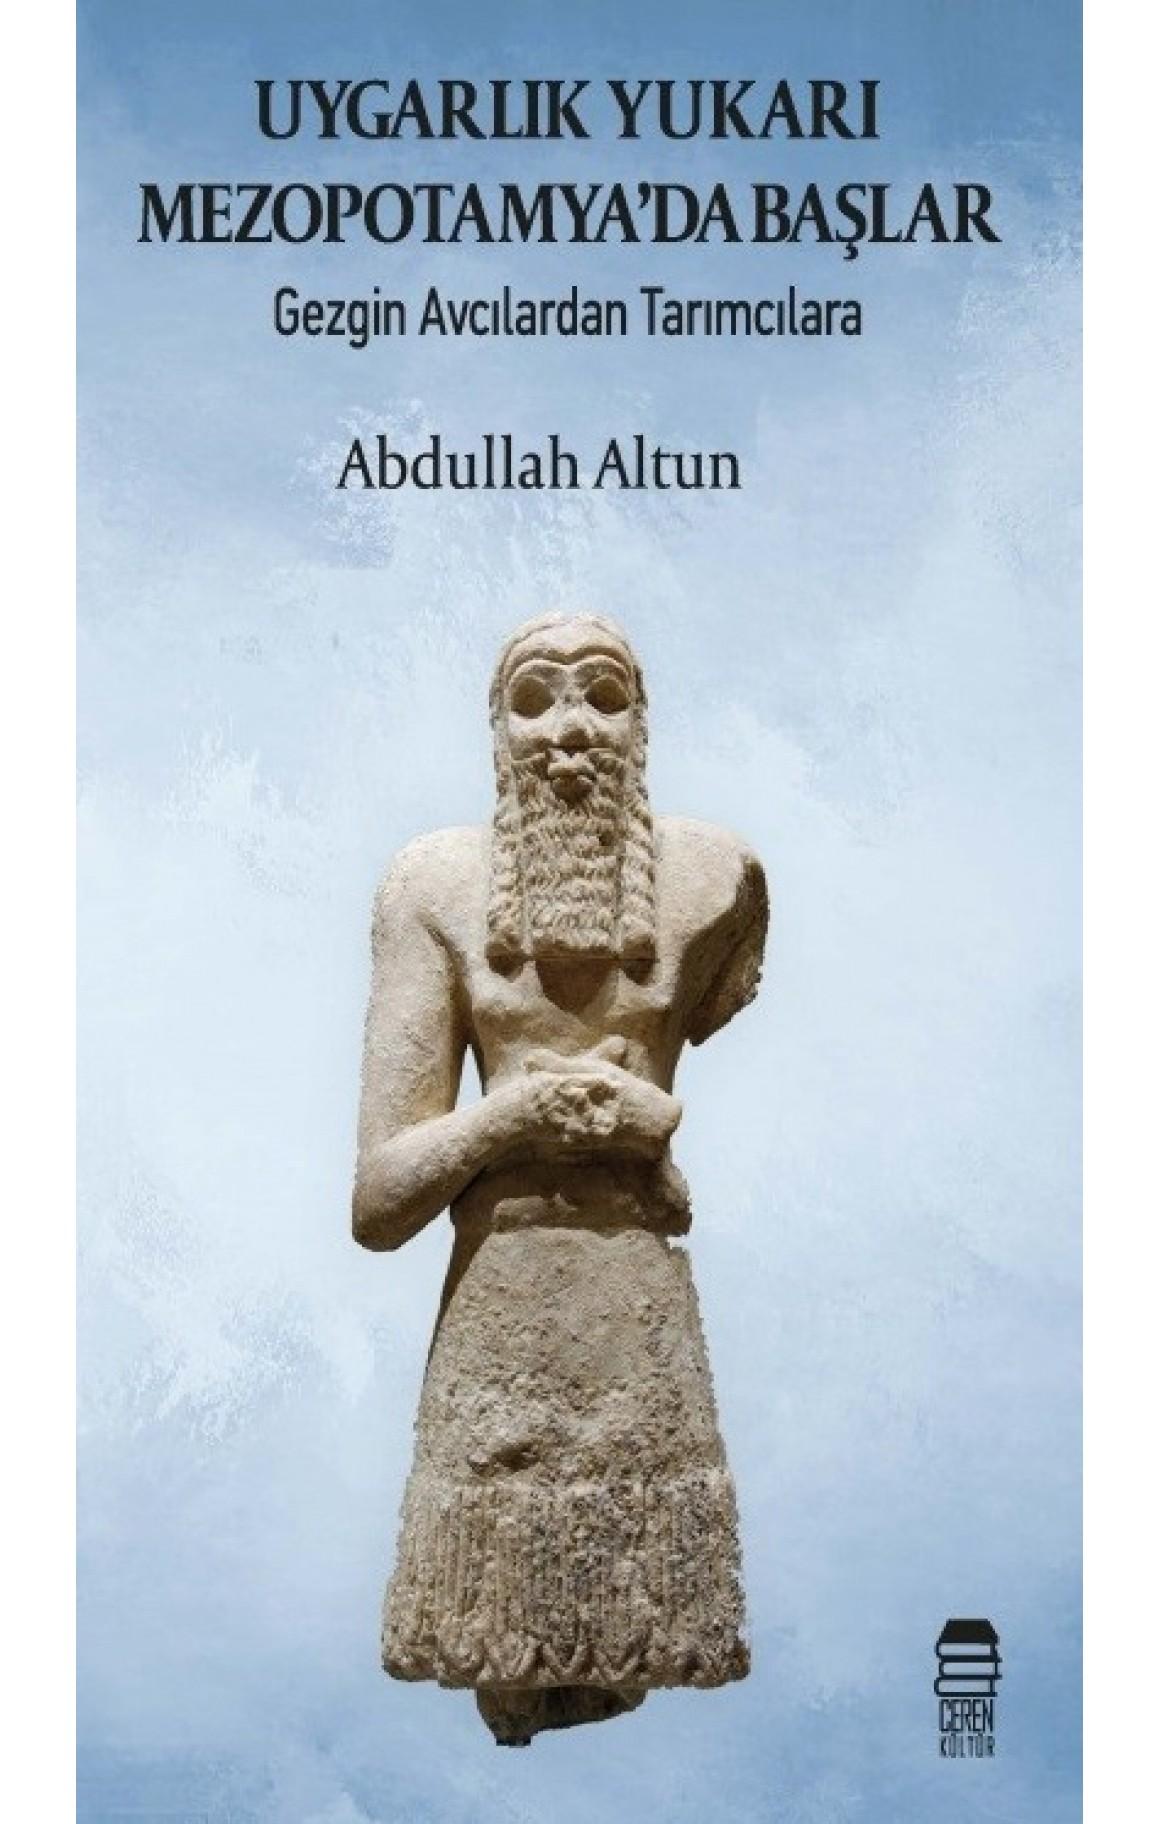 Uygarlık Yukarı Mezopotamyada Başlar